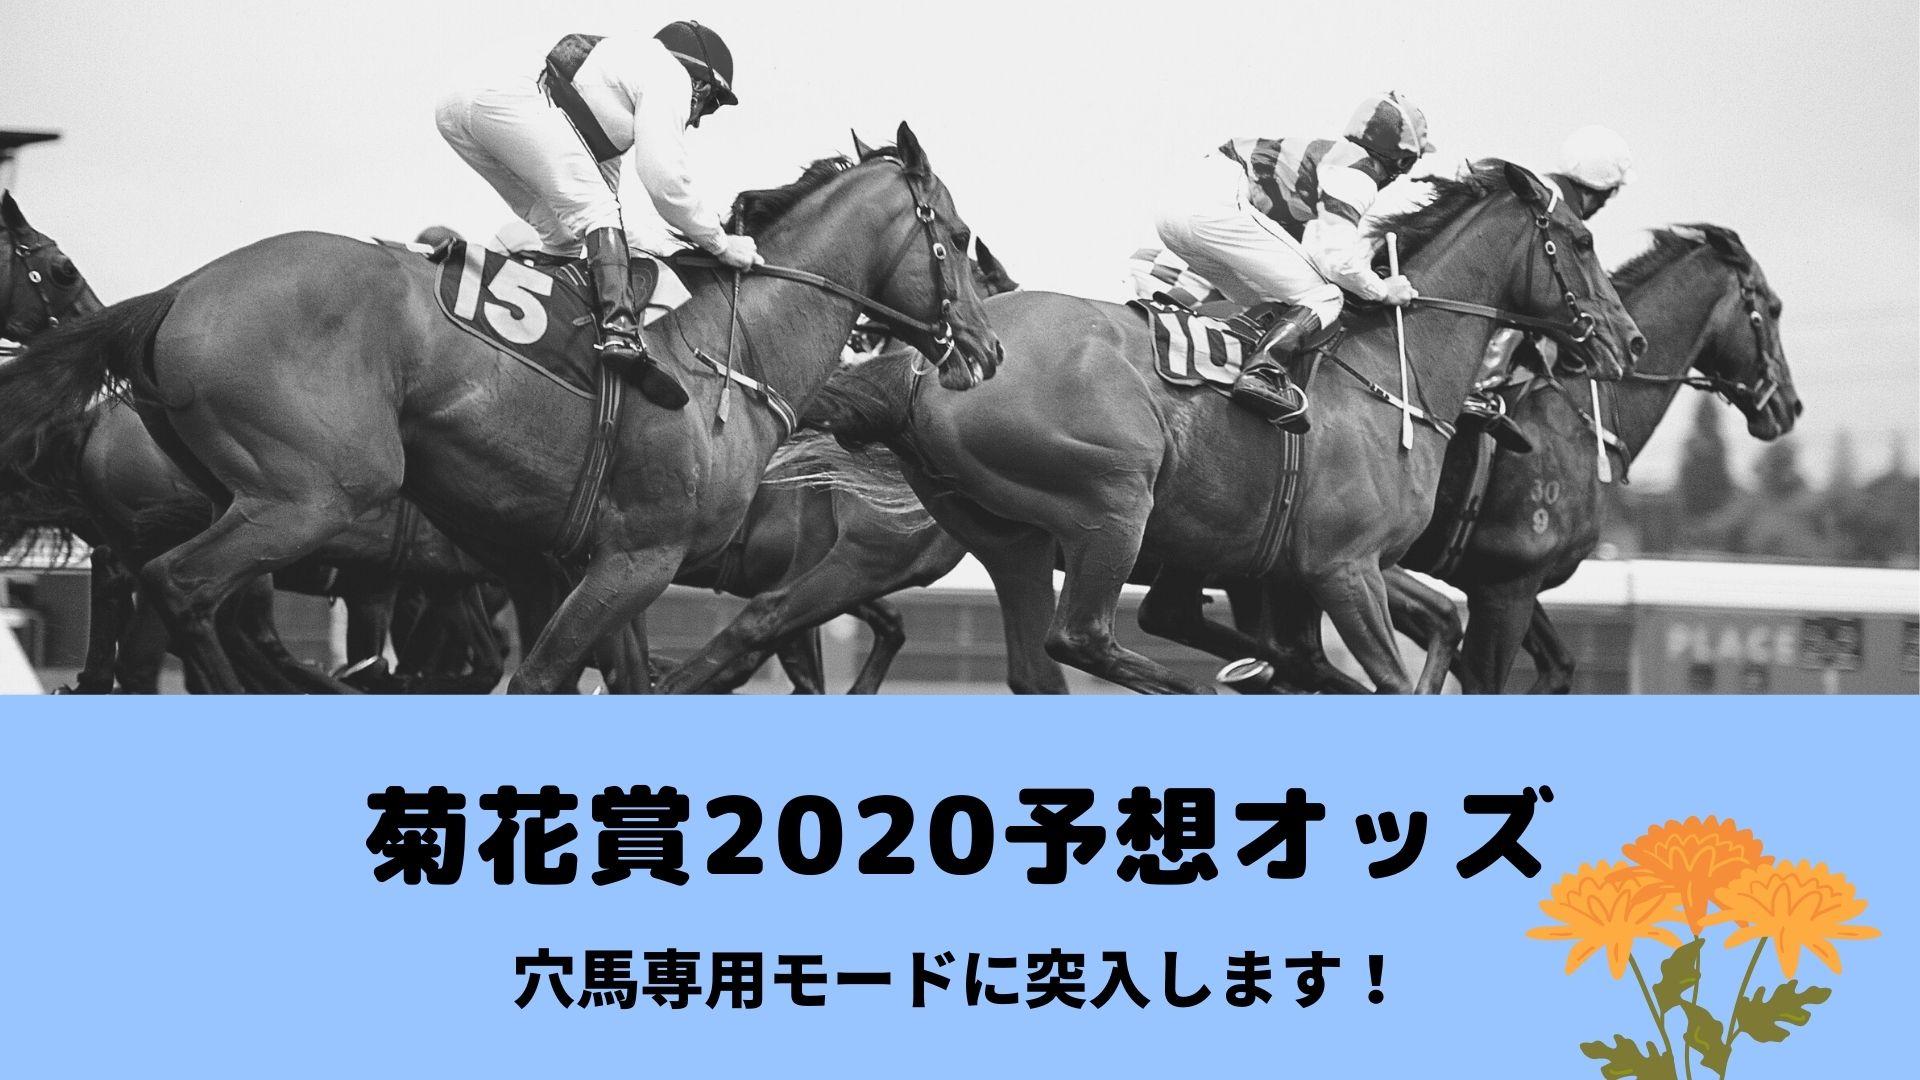 菊花賞2020ブックメーカー予想オッズ